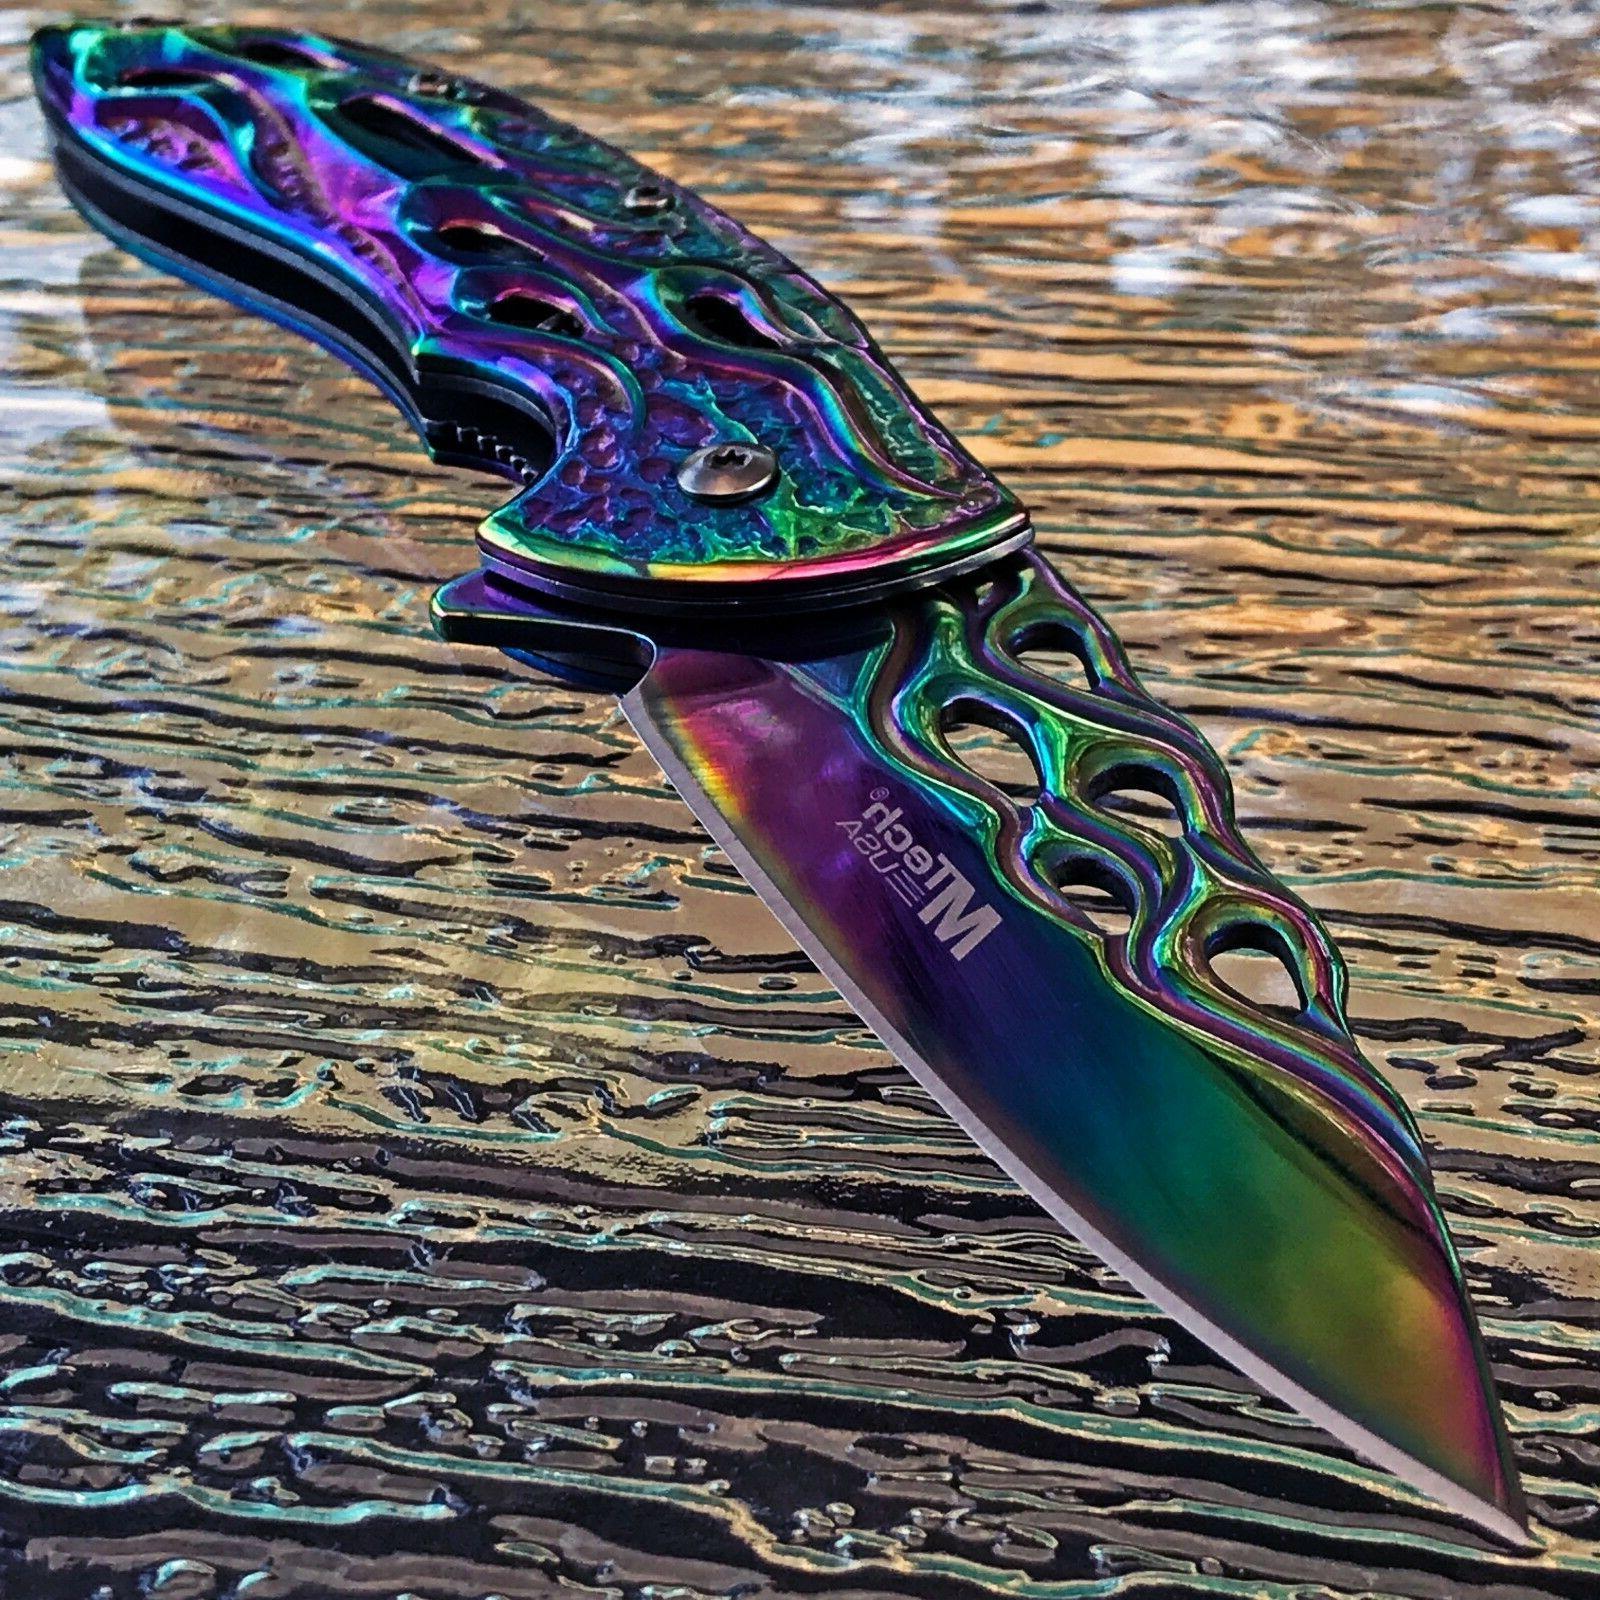 MTech Spring Tactical Flames Folding Pocket Knife